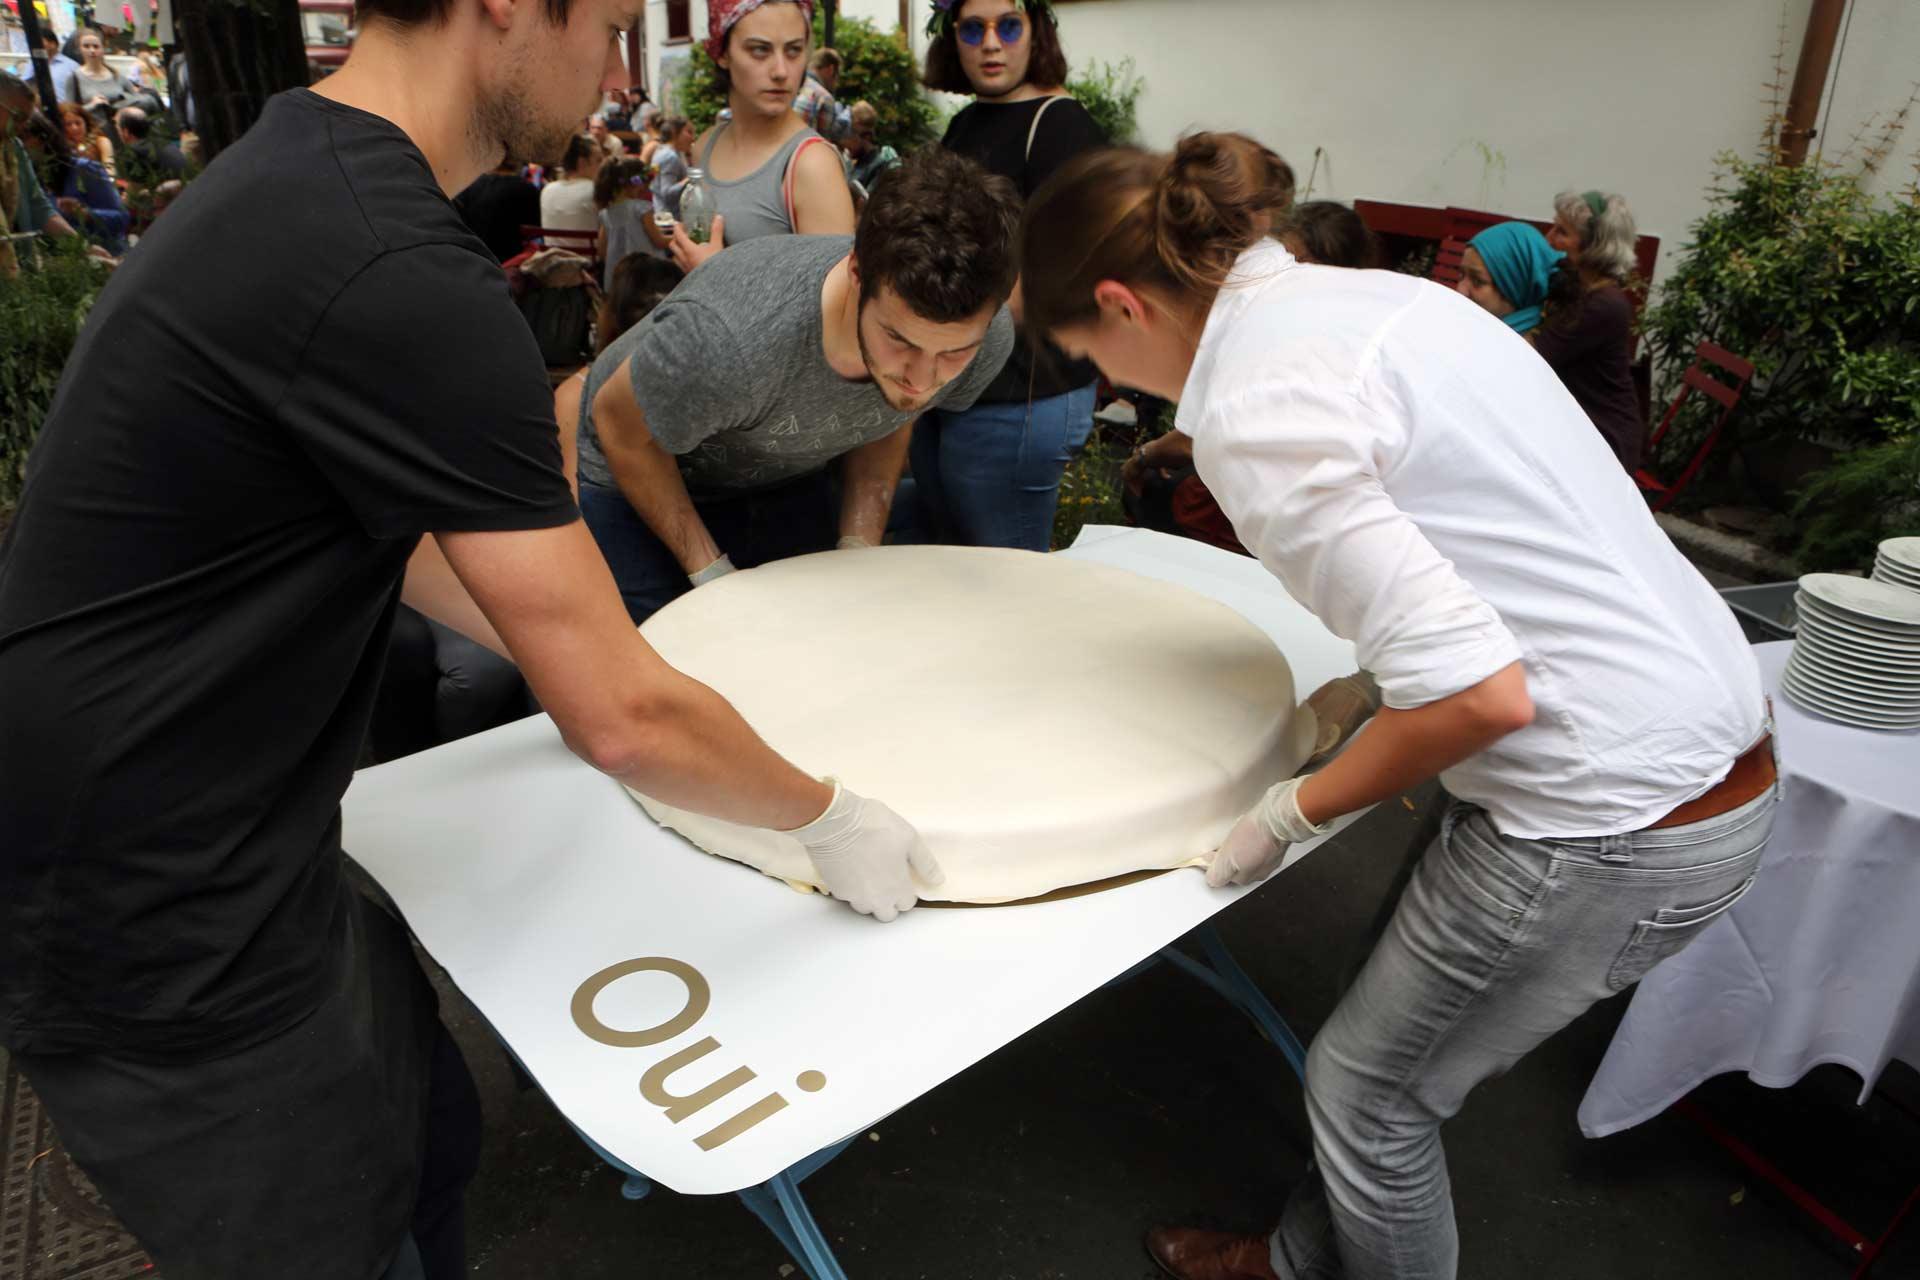 Wieder ein kleines Volksfest, JA, SI, OUI, ein großer Kuchen